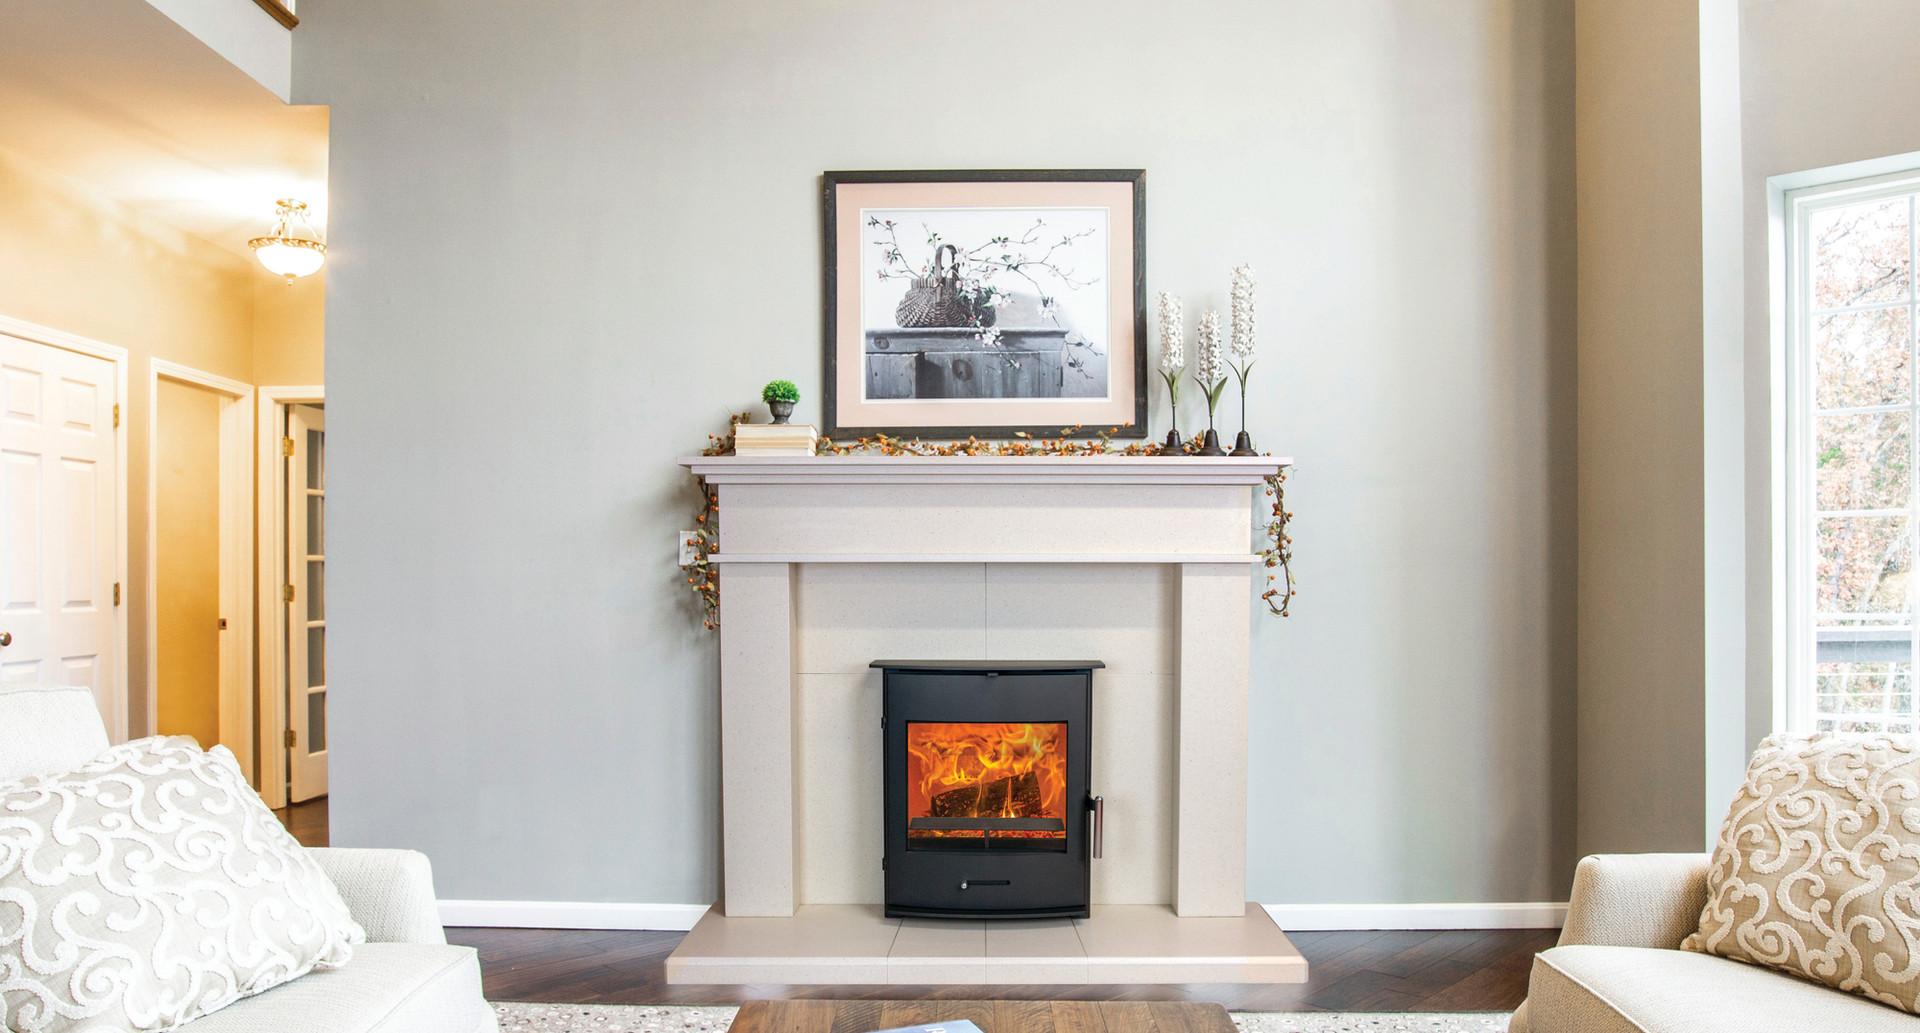 Newbourne 40i Inset stove